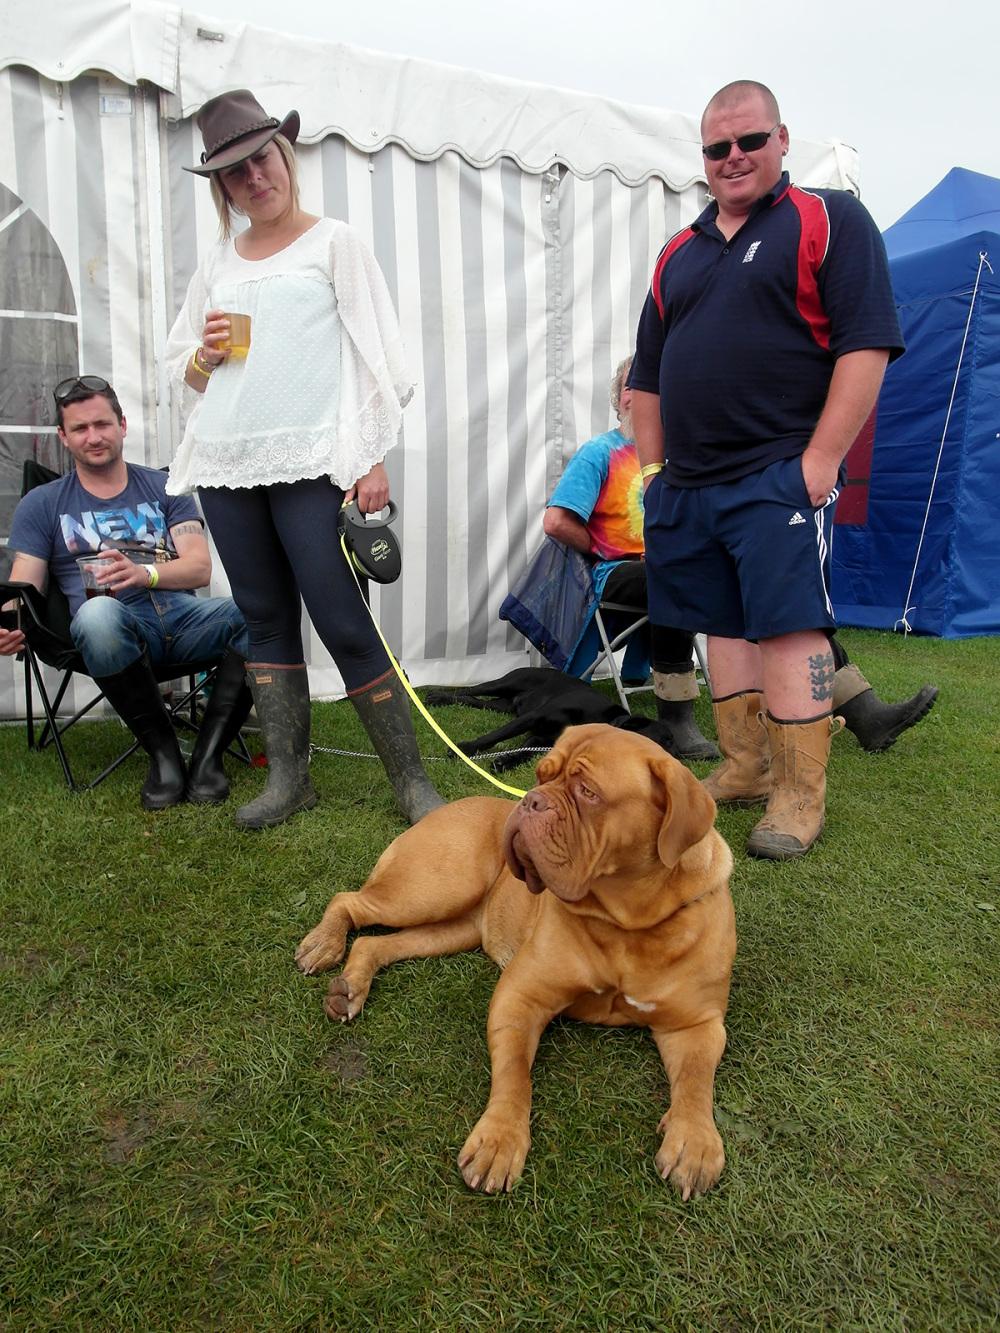 festival mutts ely folk festival dogs